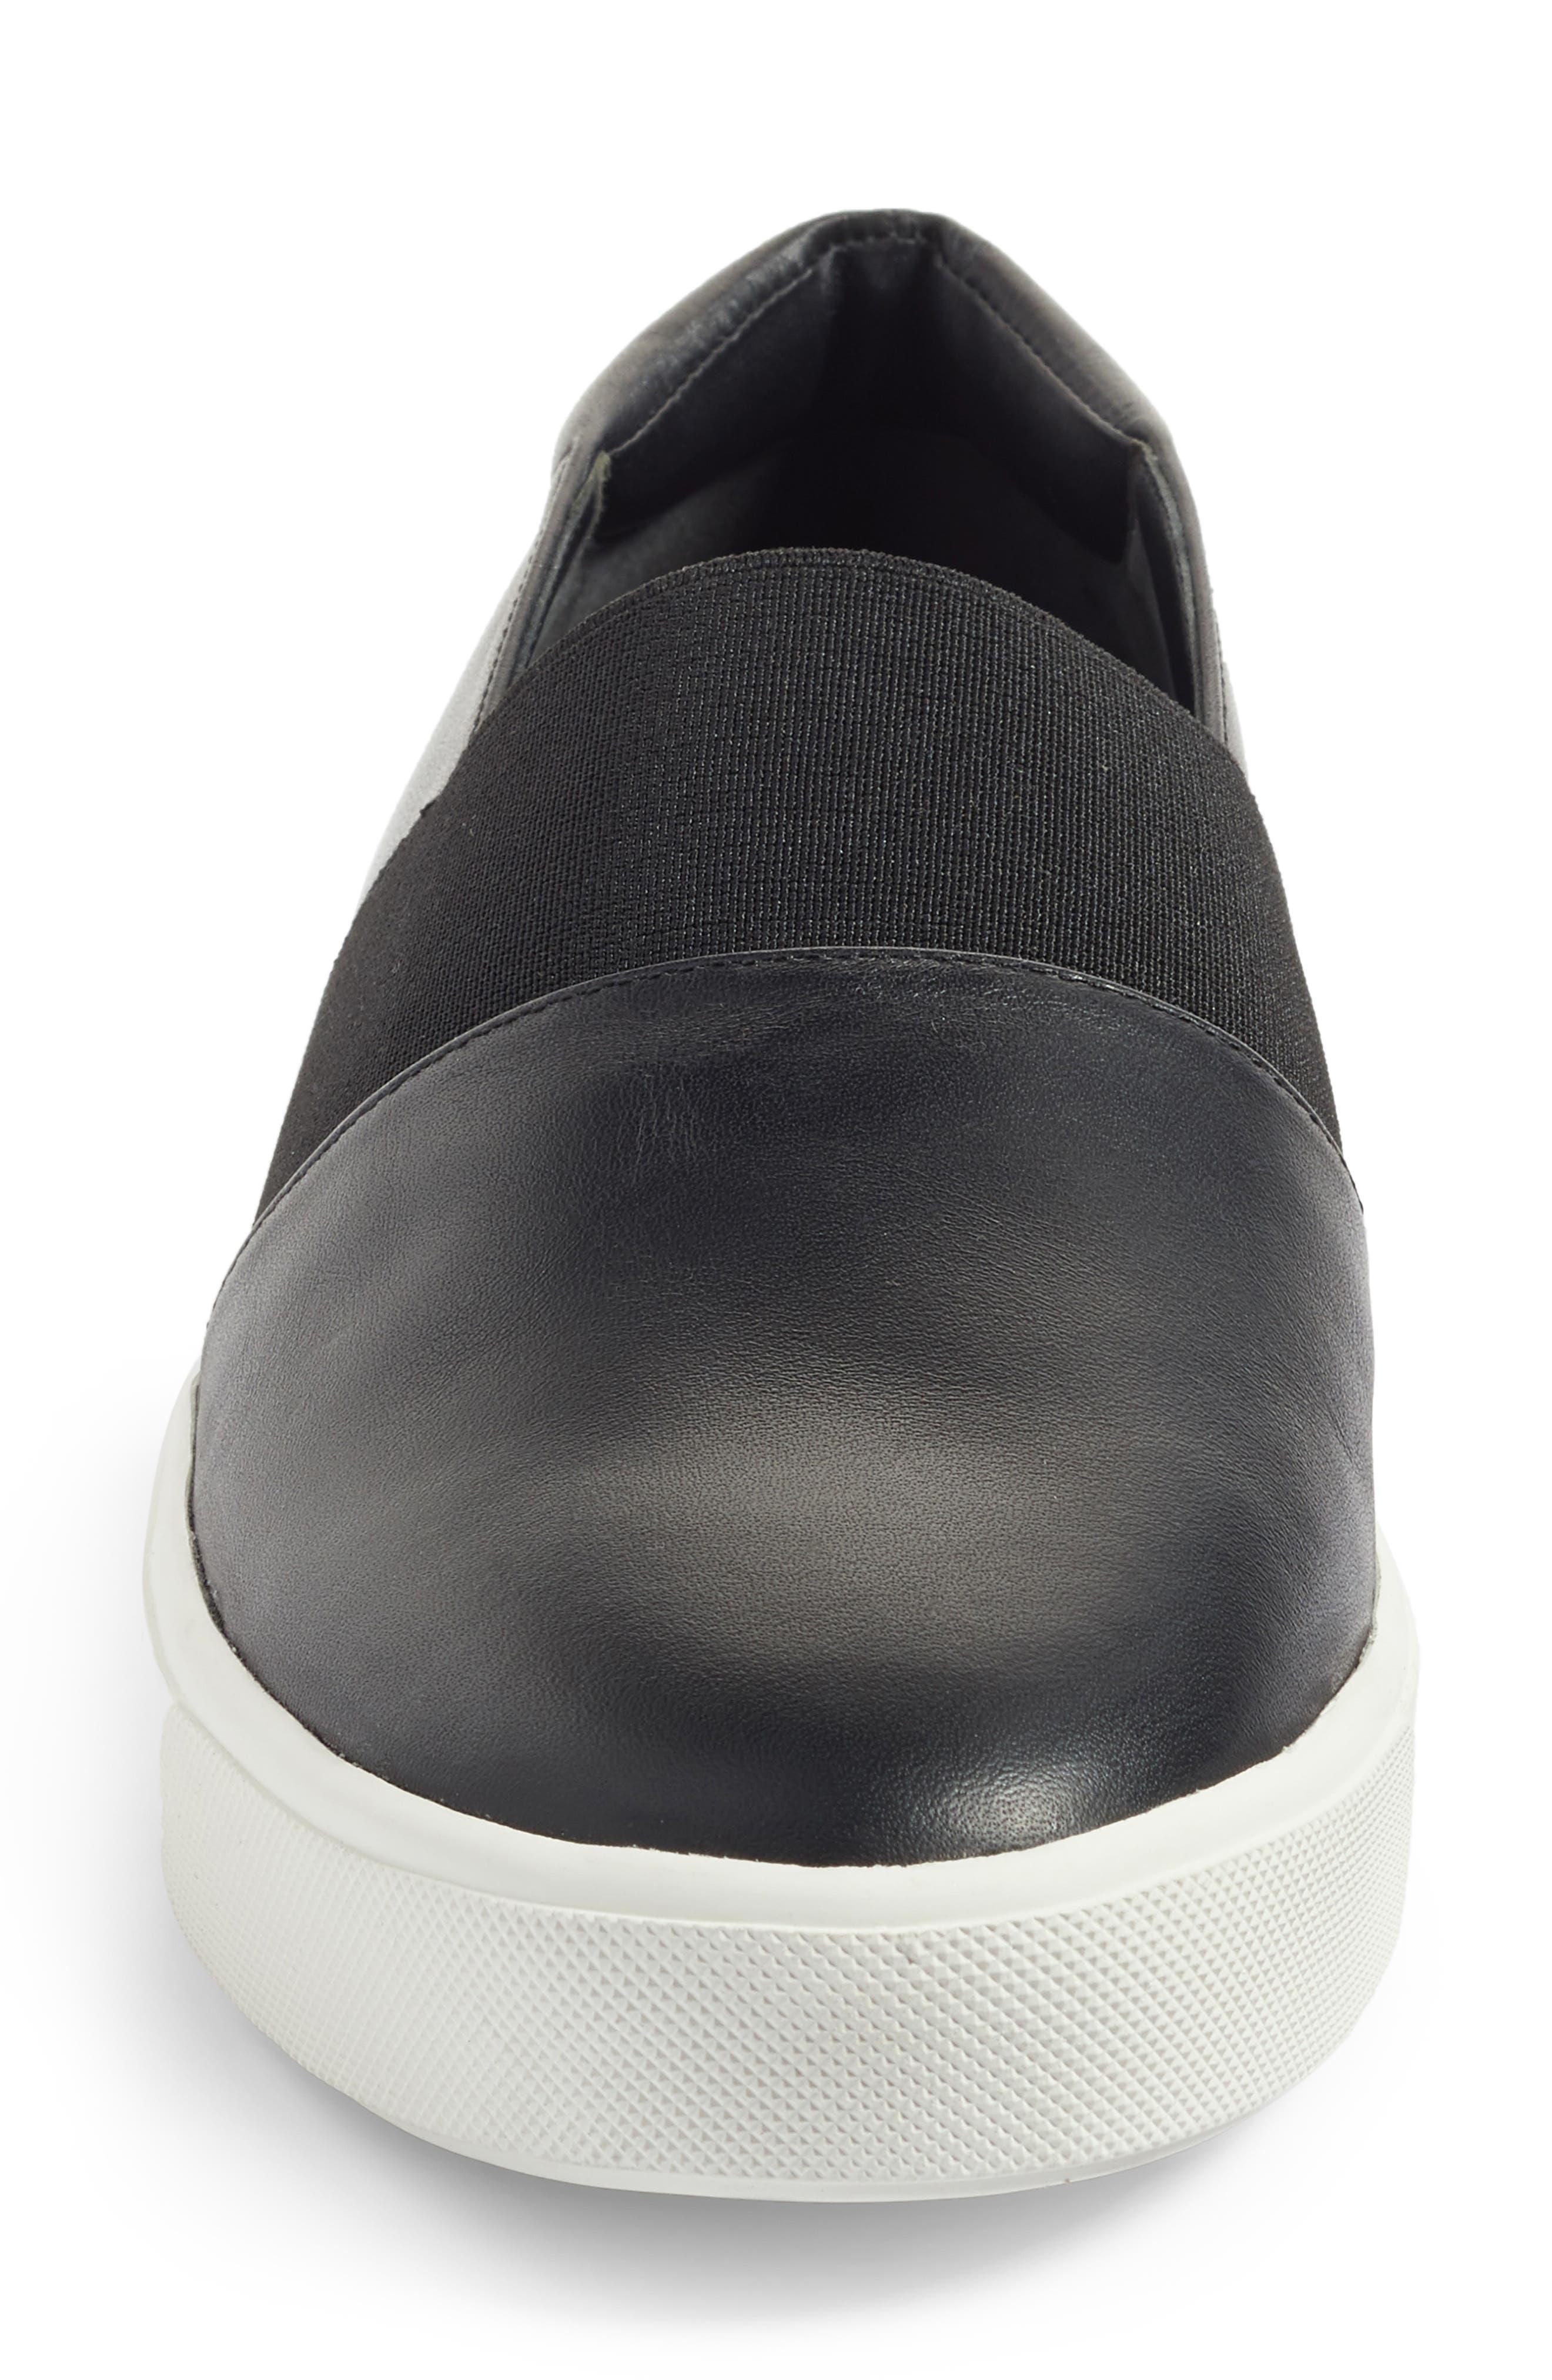 Corbin Slip-On Sneaker,                             Alternate thumbnail 4, color,                             001